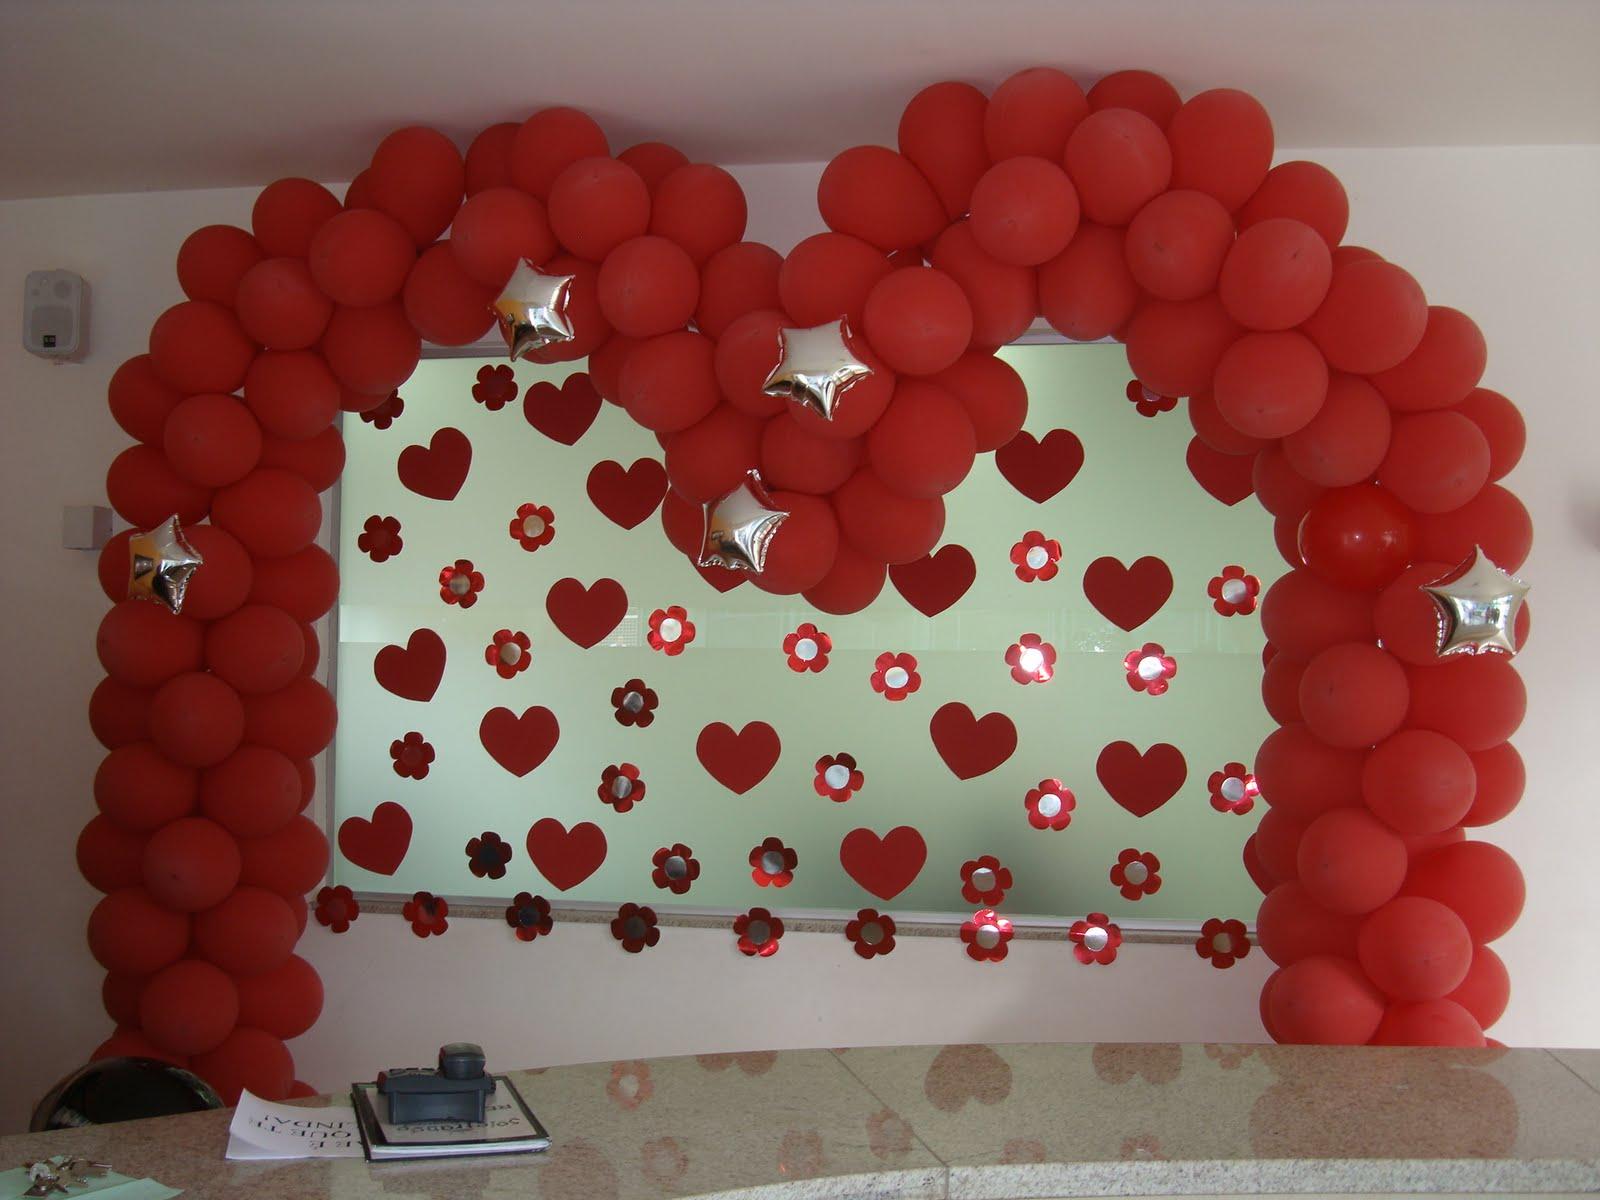 Mo Arte Decoraç u00e3o de Festas e Eventos Decoracao em escola -> Decoração Dia Das Maes Escola